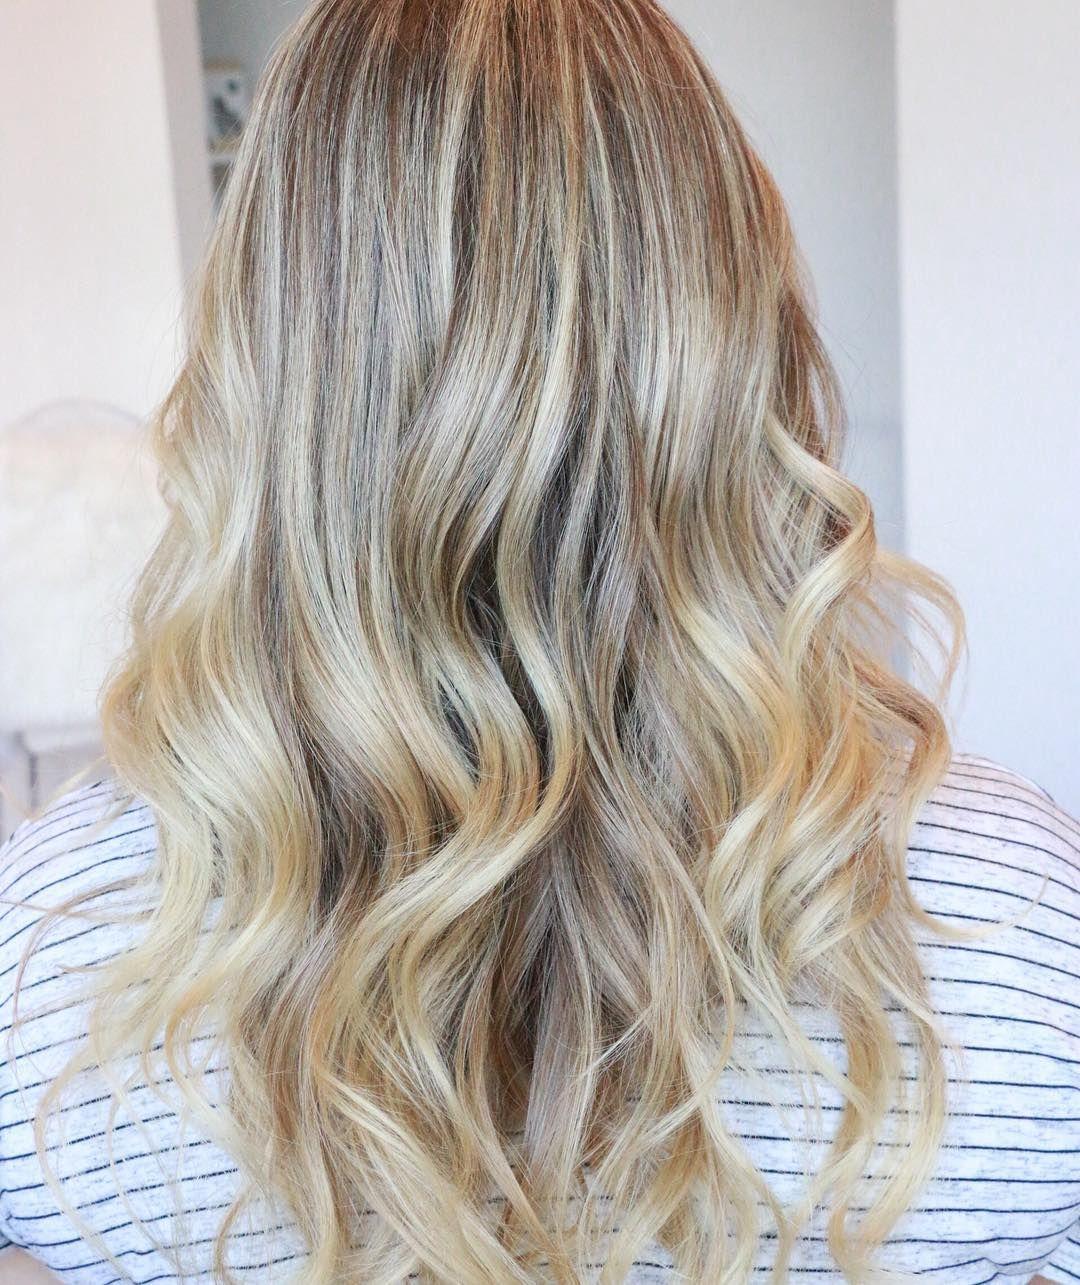 Multidimensional Blonde Hair Hair Styles Blonde